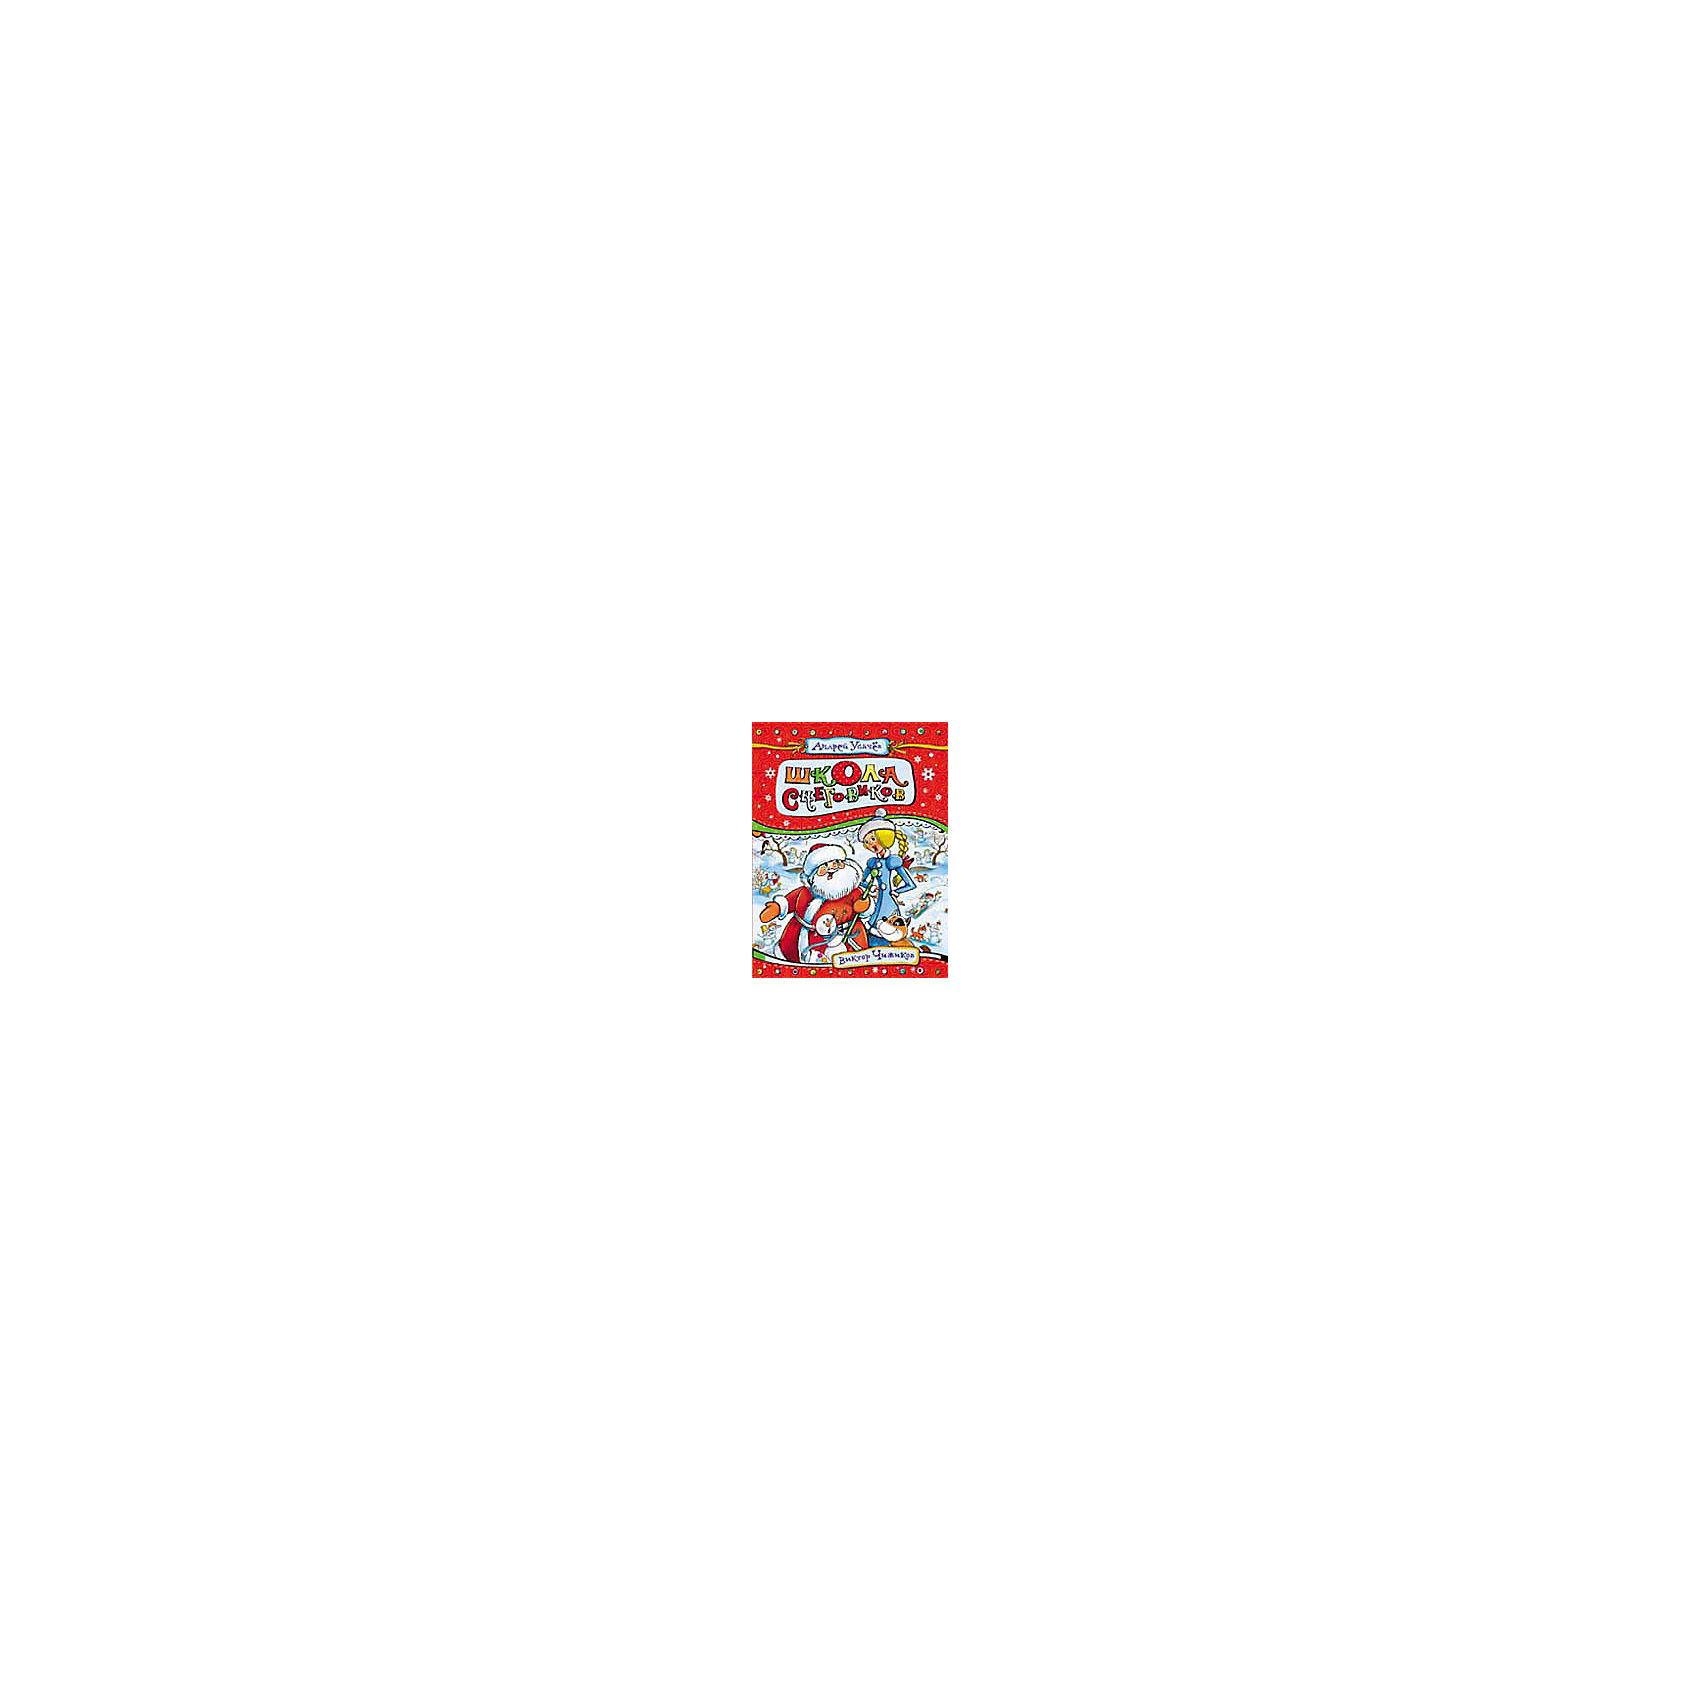 Школа снеговиков, А. УсачевСказочные истории о Дед Морозе, Снегурочке, снеговиках и снеговичках, происходящие в деревне Дедморозовка. Автор художественных образов героев - популярный детский художник Виктор Чижиков. &#13;<br>Далеко на севере, где-то в Архангельской или Вологодской области, есть небольшая деревня Дедморозовка, в которой живут Дед Мороз, его внучка Снегурочка и помощники Деда Мороза — снеговики и снеговички. Они учатся в специальной школе для снеговиков, и с ними, как и с обыкновенными мальчишками и девчонками, все время происходят разные веселые истории.&#13;<br>Школа снеговиков открывает цикл книги о приключениях снеговиков и Деда Мороза.<br><br>Ширина мм: 285<br>Глубина мм: 220<br>Высота мм: 10<br>Вес г: 470<br>Возраст от месяцев: 60<br>Возраст до месяцев: 84<br>Пол: Унисекс<br>Возраст: Детский<br>SKU: 5016313